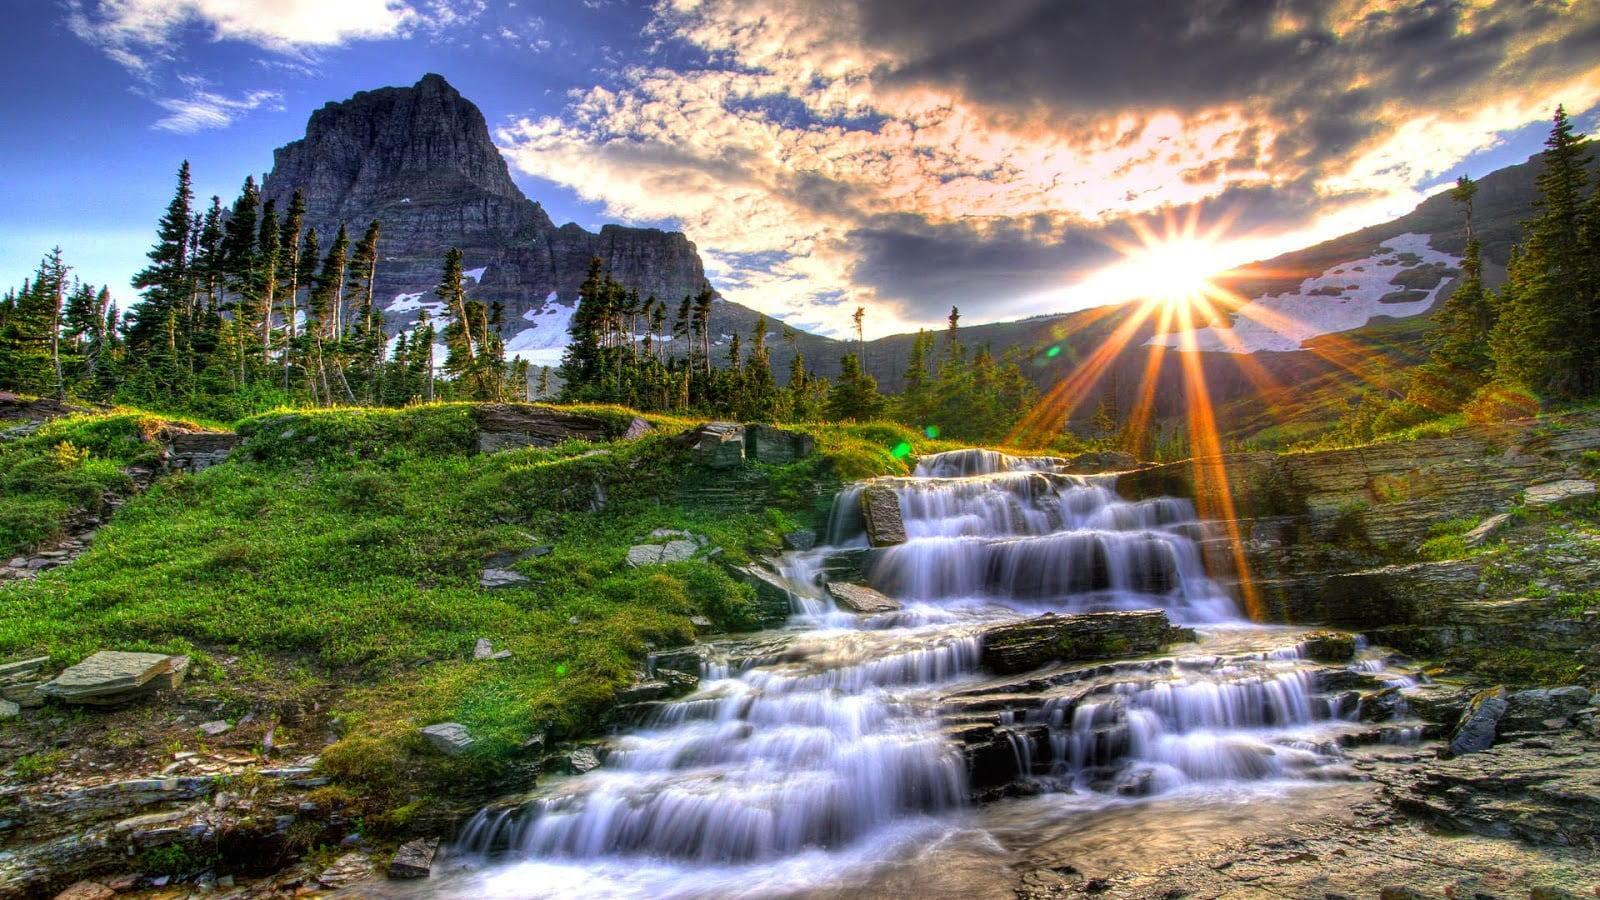 Ảnh bìa đẹp về phong cảnh thiên nhiên lúc chiều tà